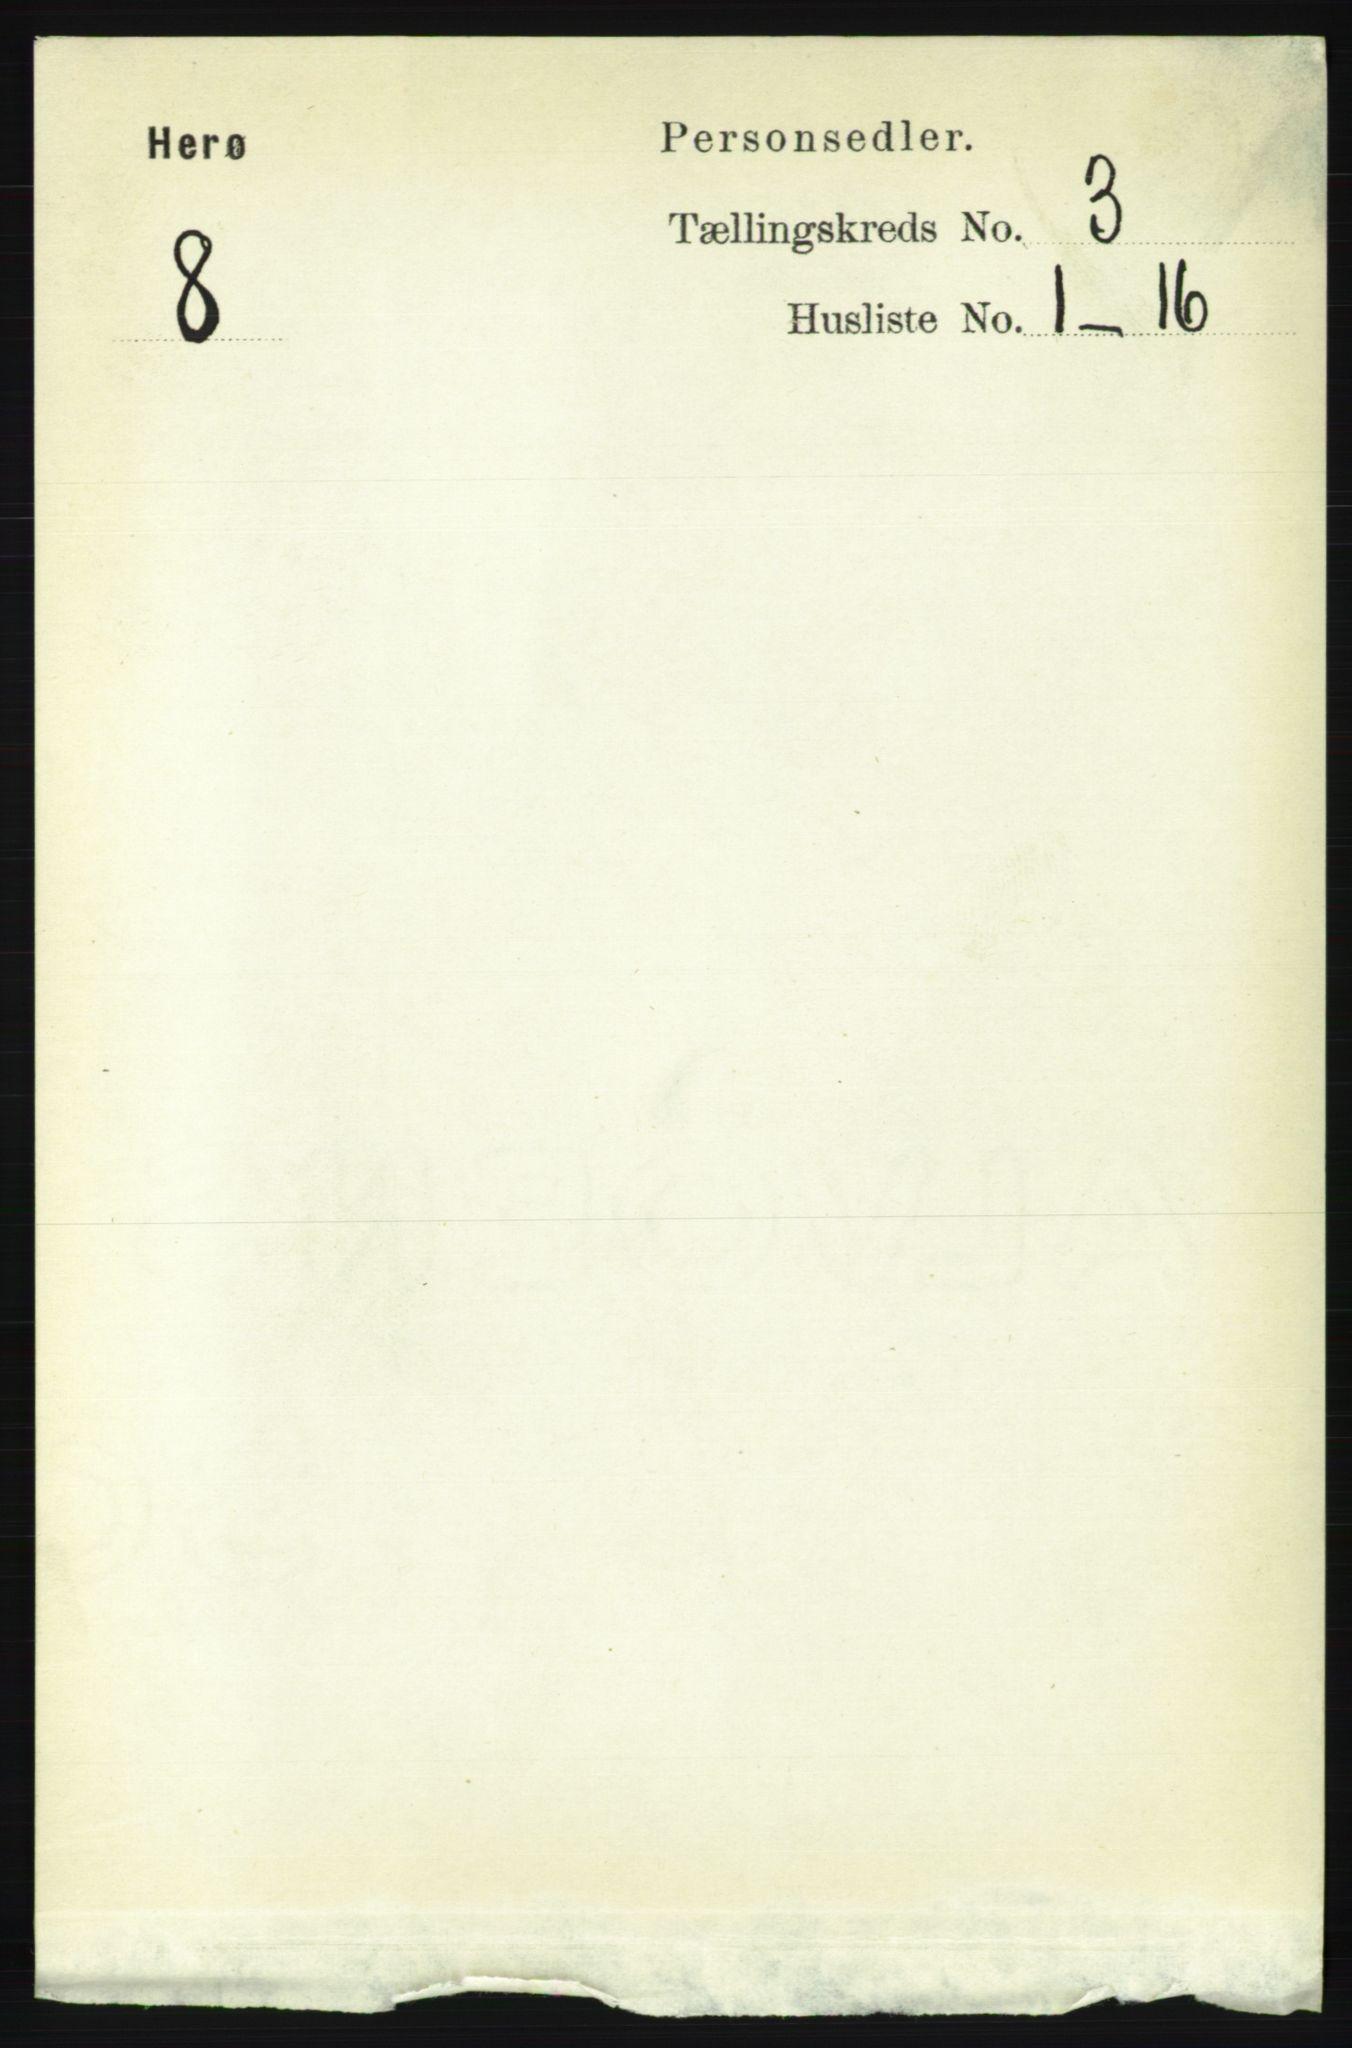 RA, Folketelling 1891 for 1818 Herøy herred, 1891, s. 618